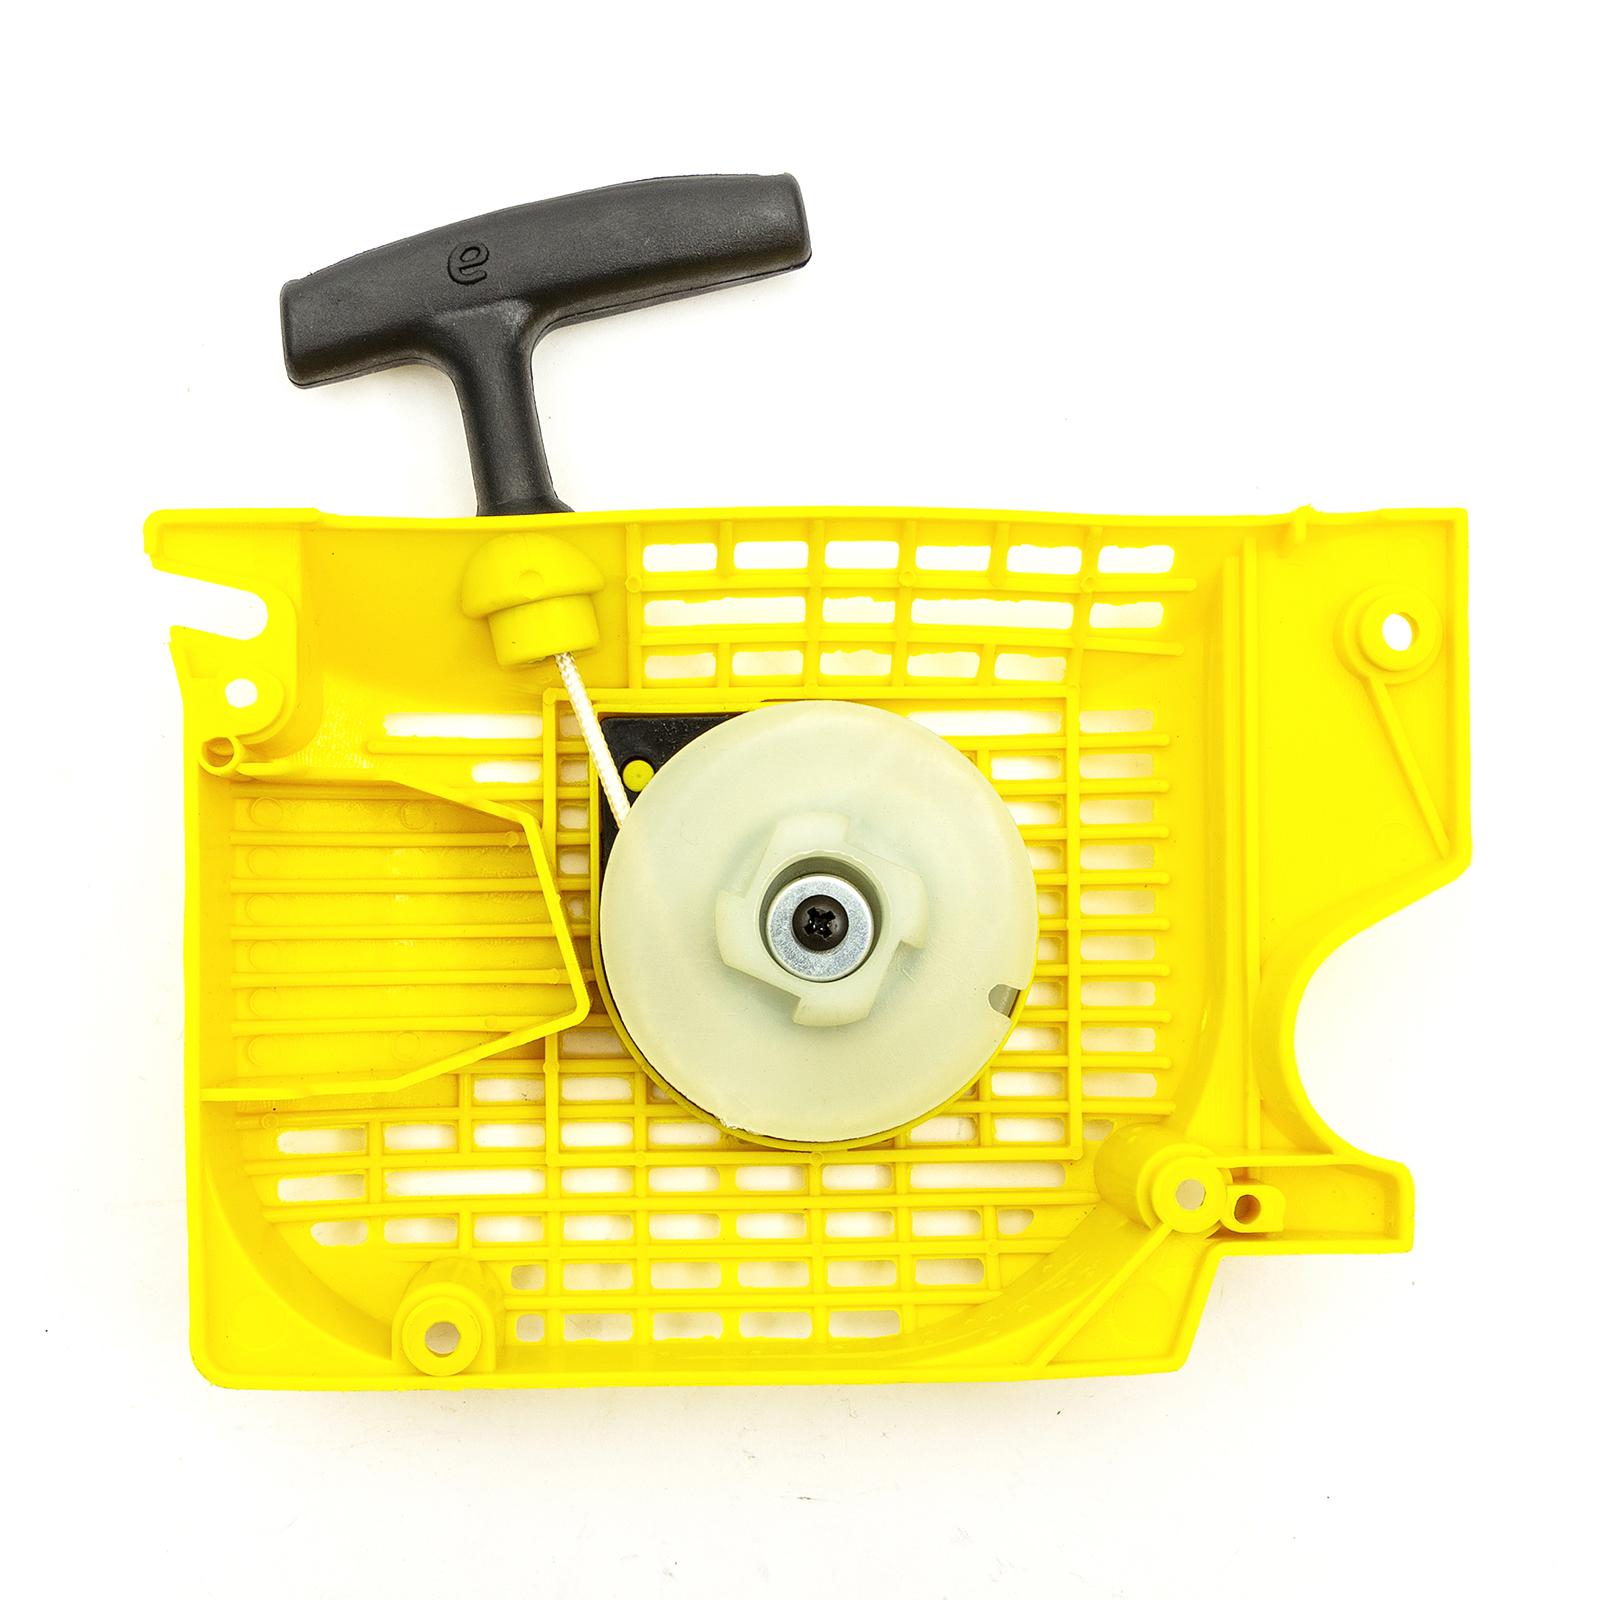 Pour adapter TRICITY BENDIX sie424s 2500 Watt circulaire de ventilateur Four Element